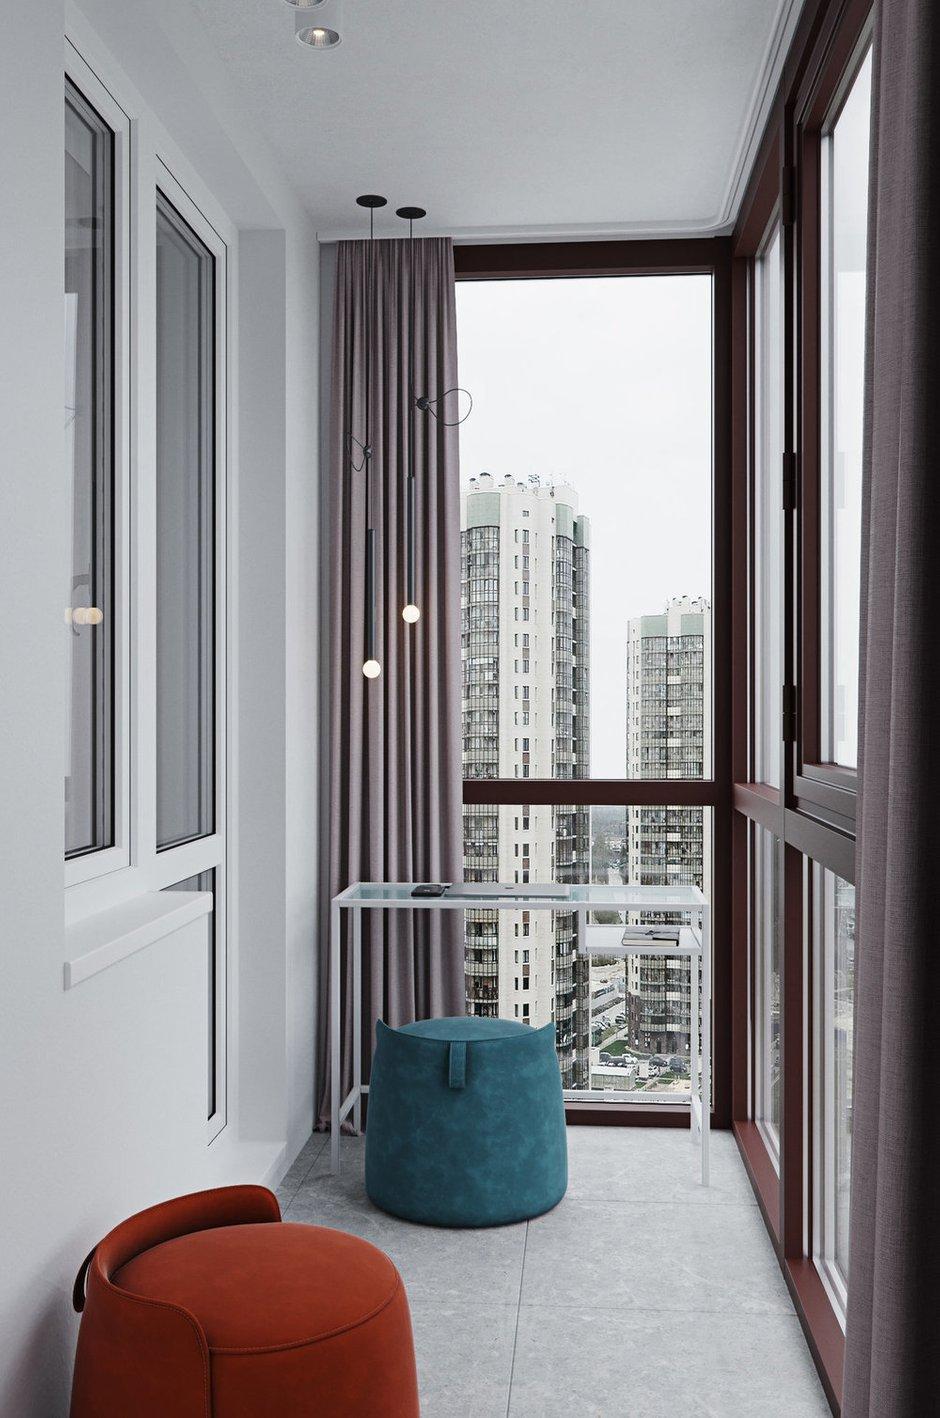 Фотография: Балкон в стиле Современный, Малогабаритная квартира, Квартира, Проект недели, Санкт-Петербург, Алена Тимонина, Андрей Тимонин, Монолитный дом, 1 комната, до 40 метров – фото на INMYROOM